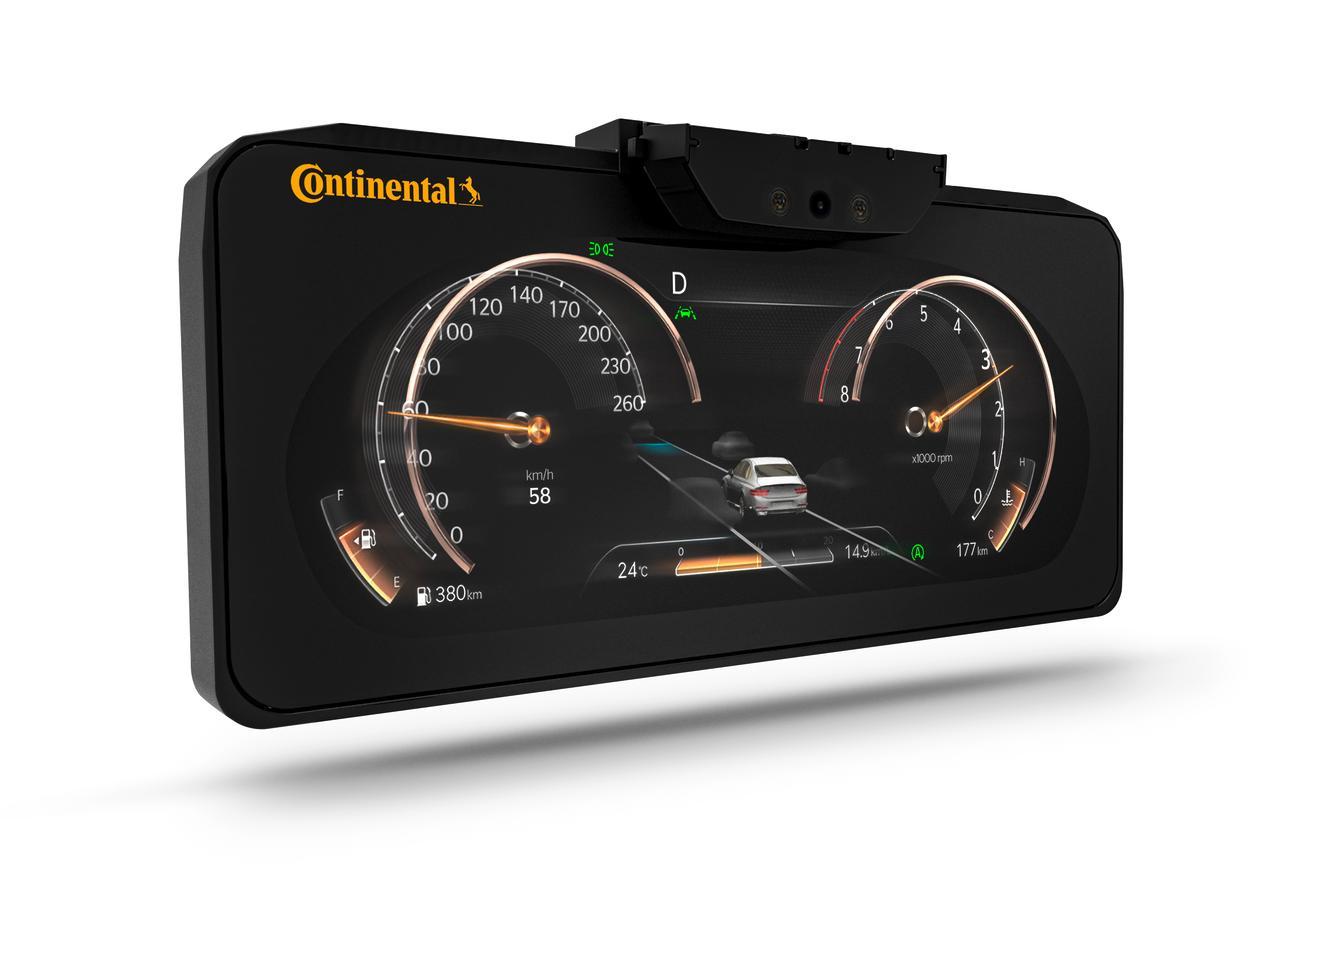 Le tableau de bord 3D sans lunettes de Continental arrive sur le Genesis GV80